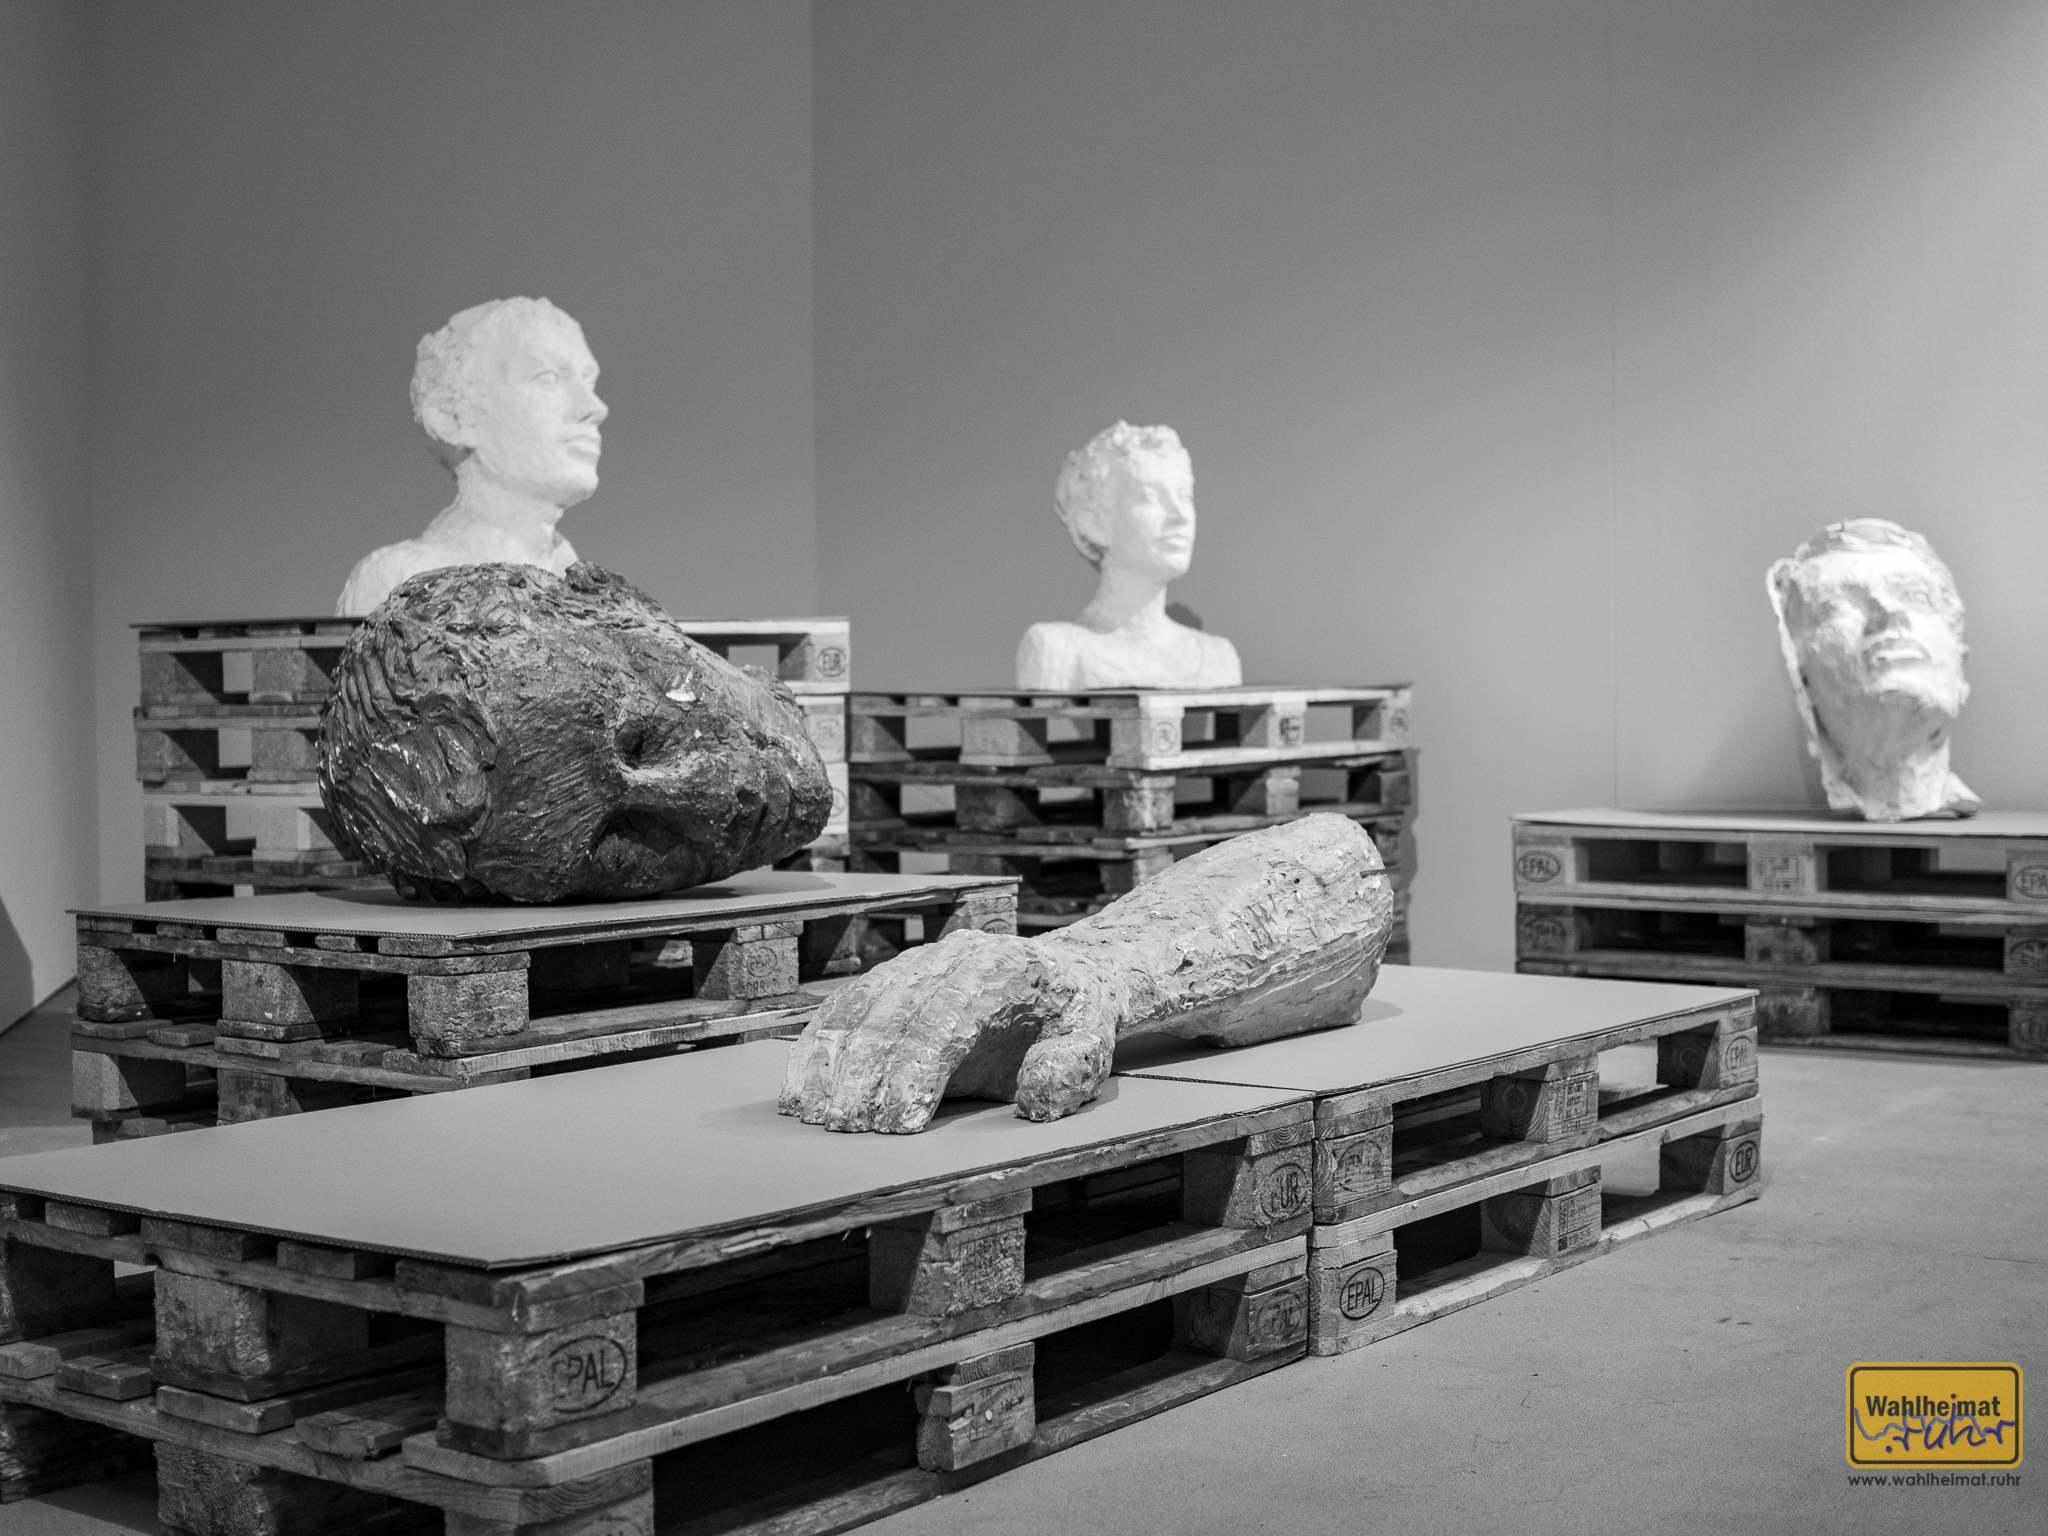 Gips-Abdrücke etwa des Toronto-Mannes, oder von Mann und Frau vor der Zentralbibliothek Hamburg repräsentieren einige der Werke im öffentlichen Raum. © VG Bild-Kunst, Bonn 2020